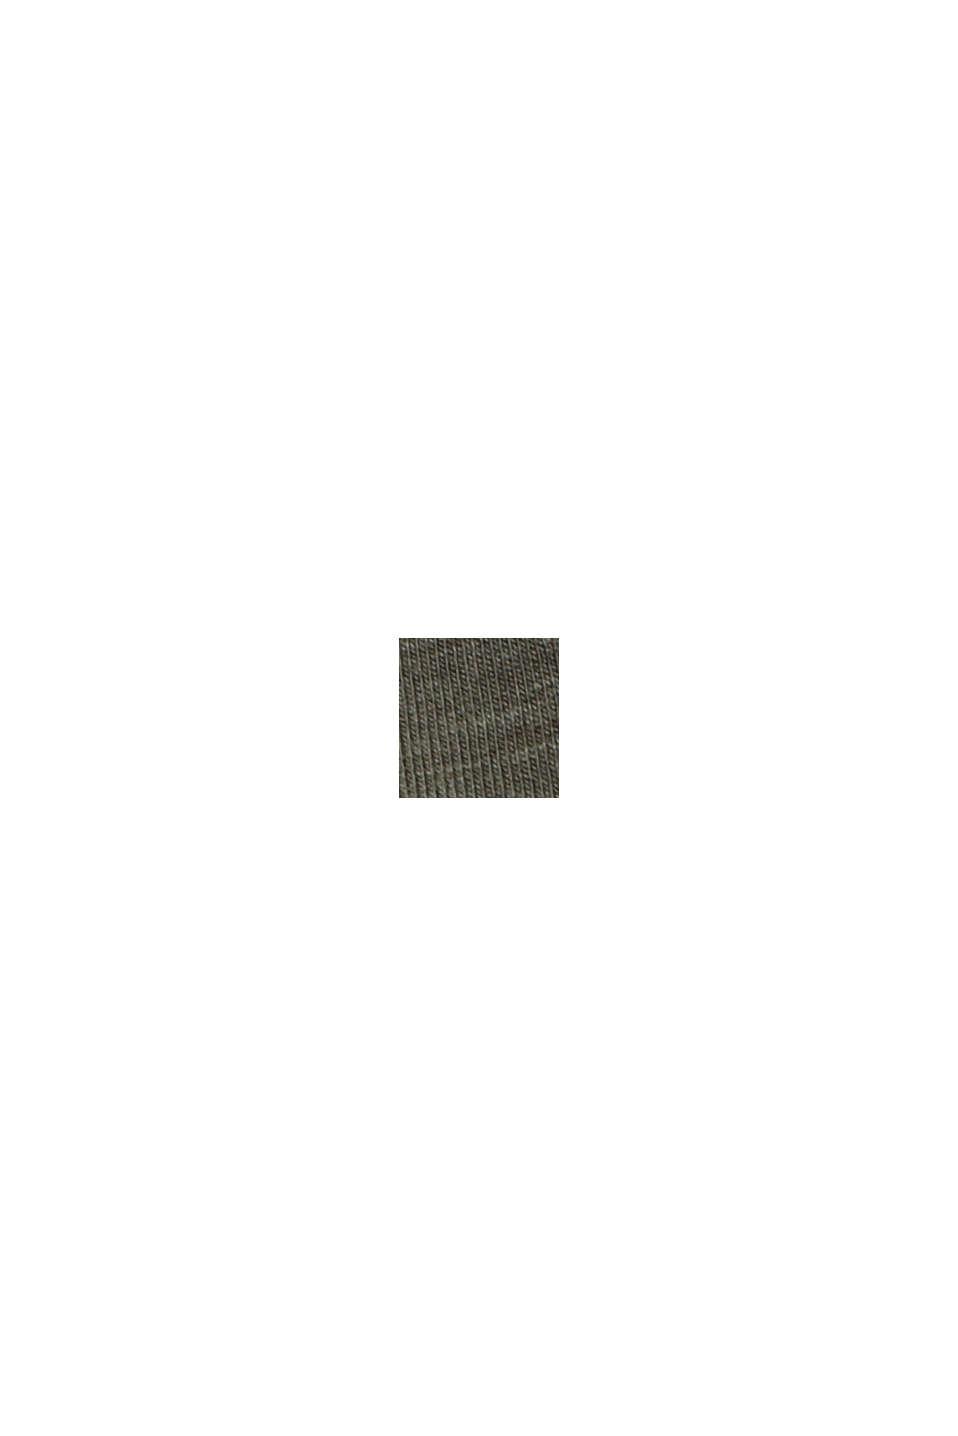 CURY T-Shirt aus Bio-Baumwolle/TENCEL™, DARK KHAKI, swatch